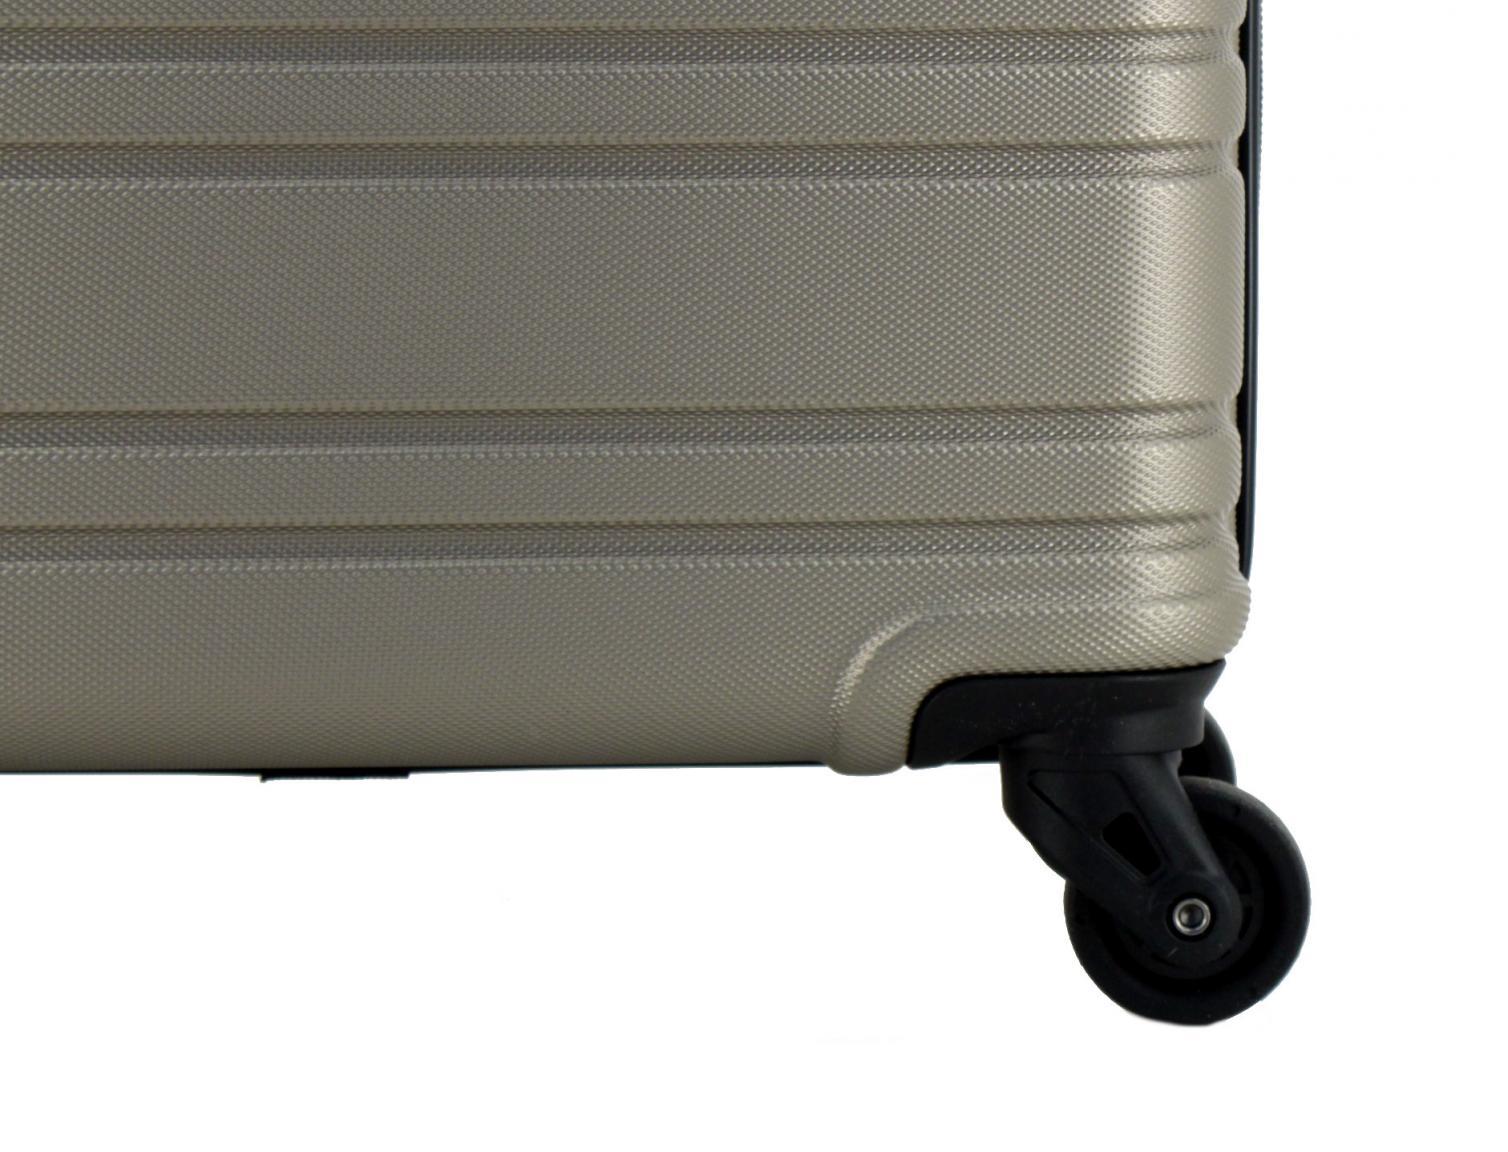 Handgepäckkoffer Travelite Roadtrip S Champagner gold Trolley